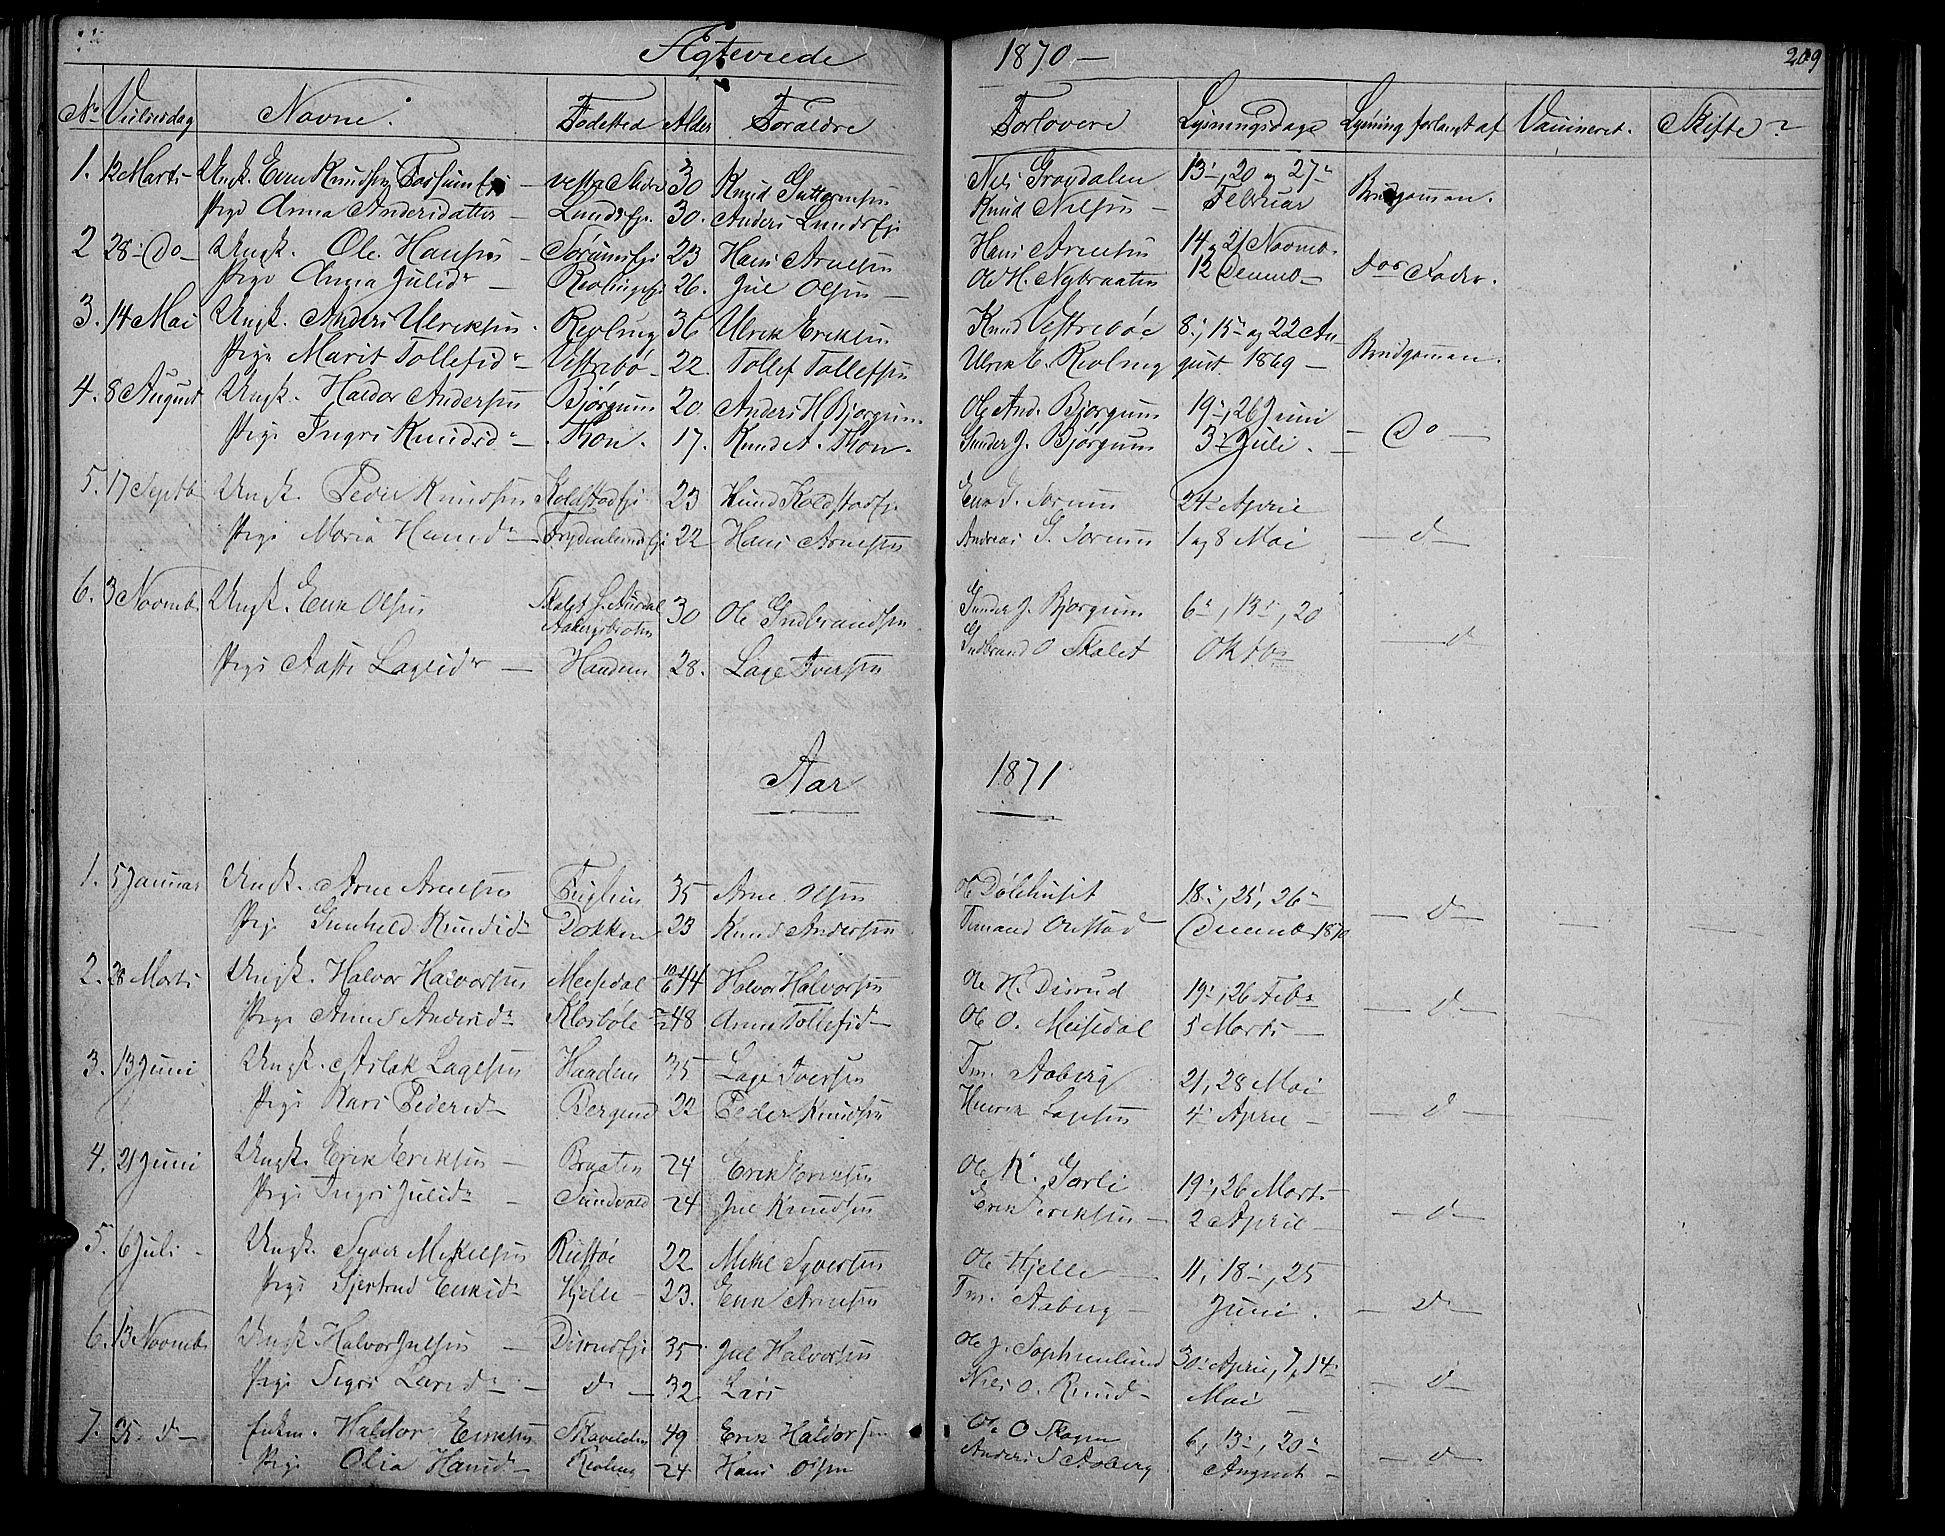 SAH, Nord-Aurdal prestekontor, Klokkerbok nr. 2, 1842-1877, s. 209